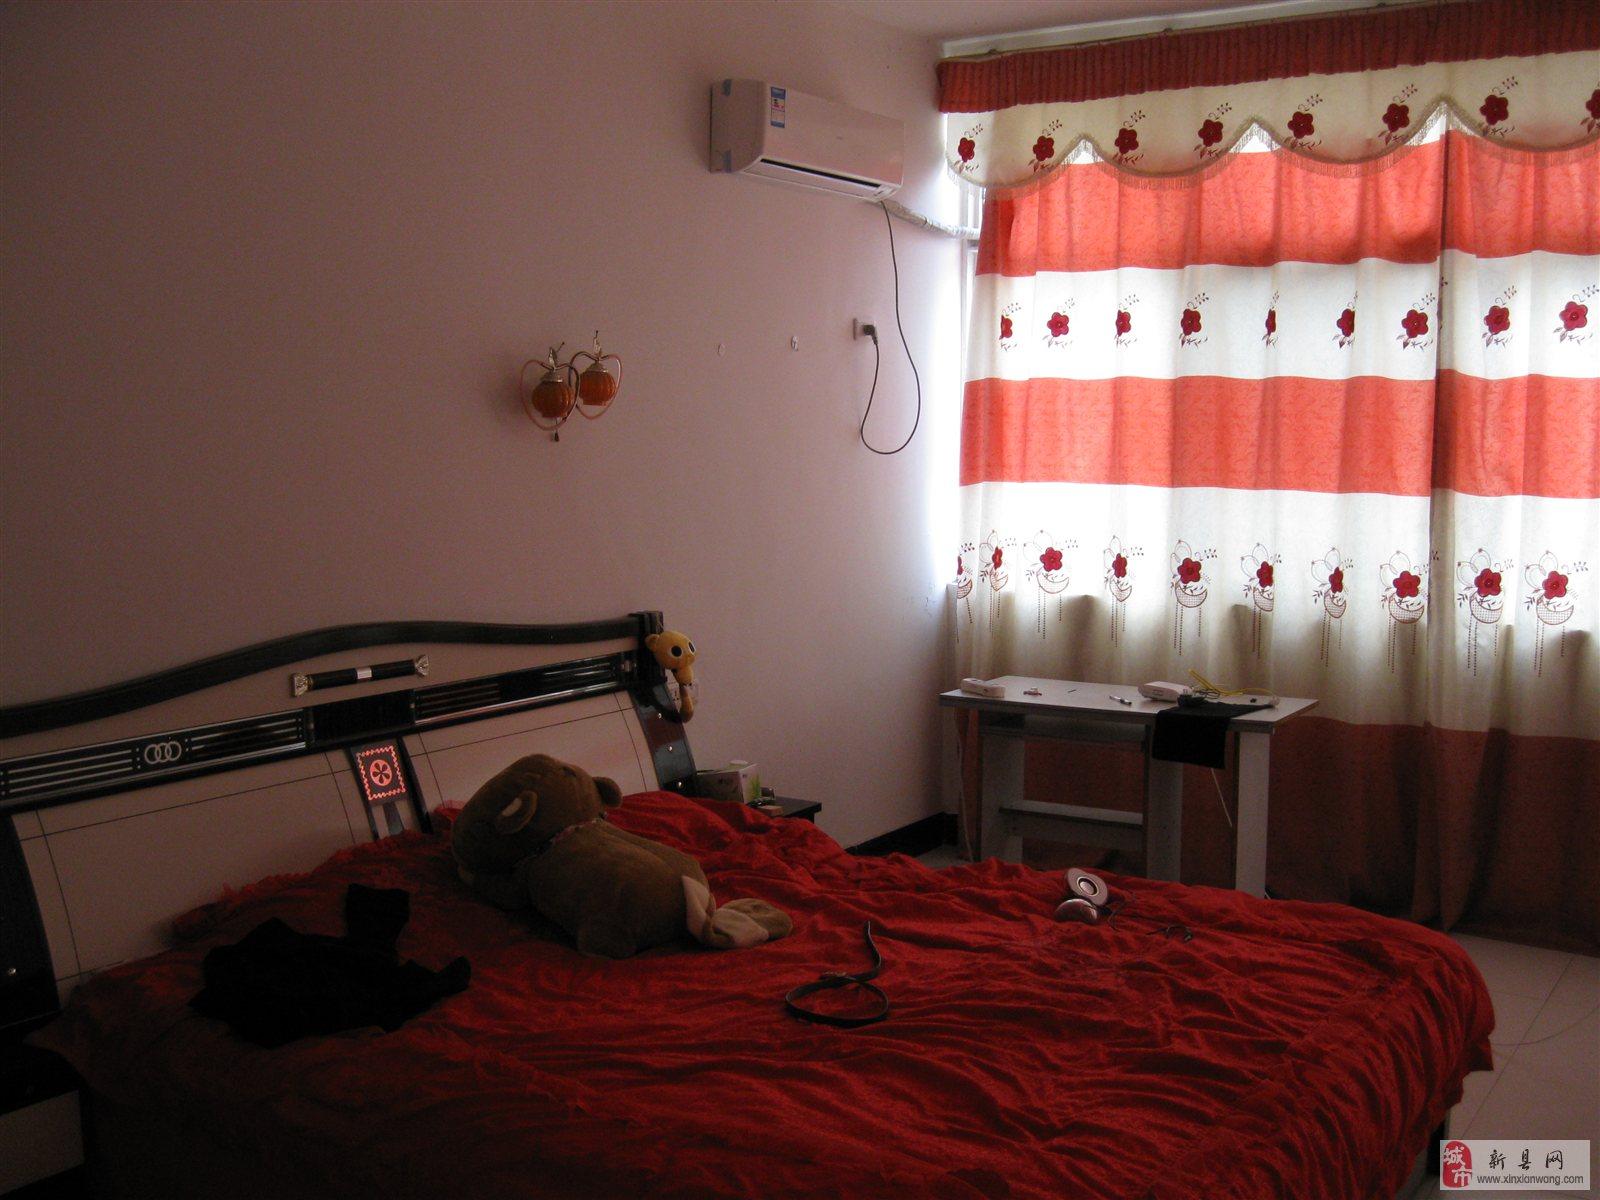 金地花园三室两厅一厨一卫装修房家电齐全出粗高清图片